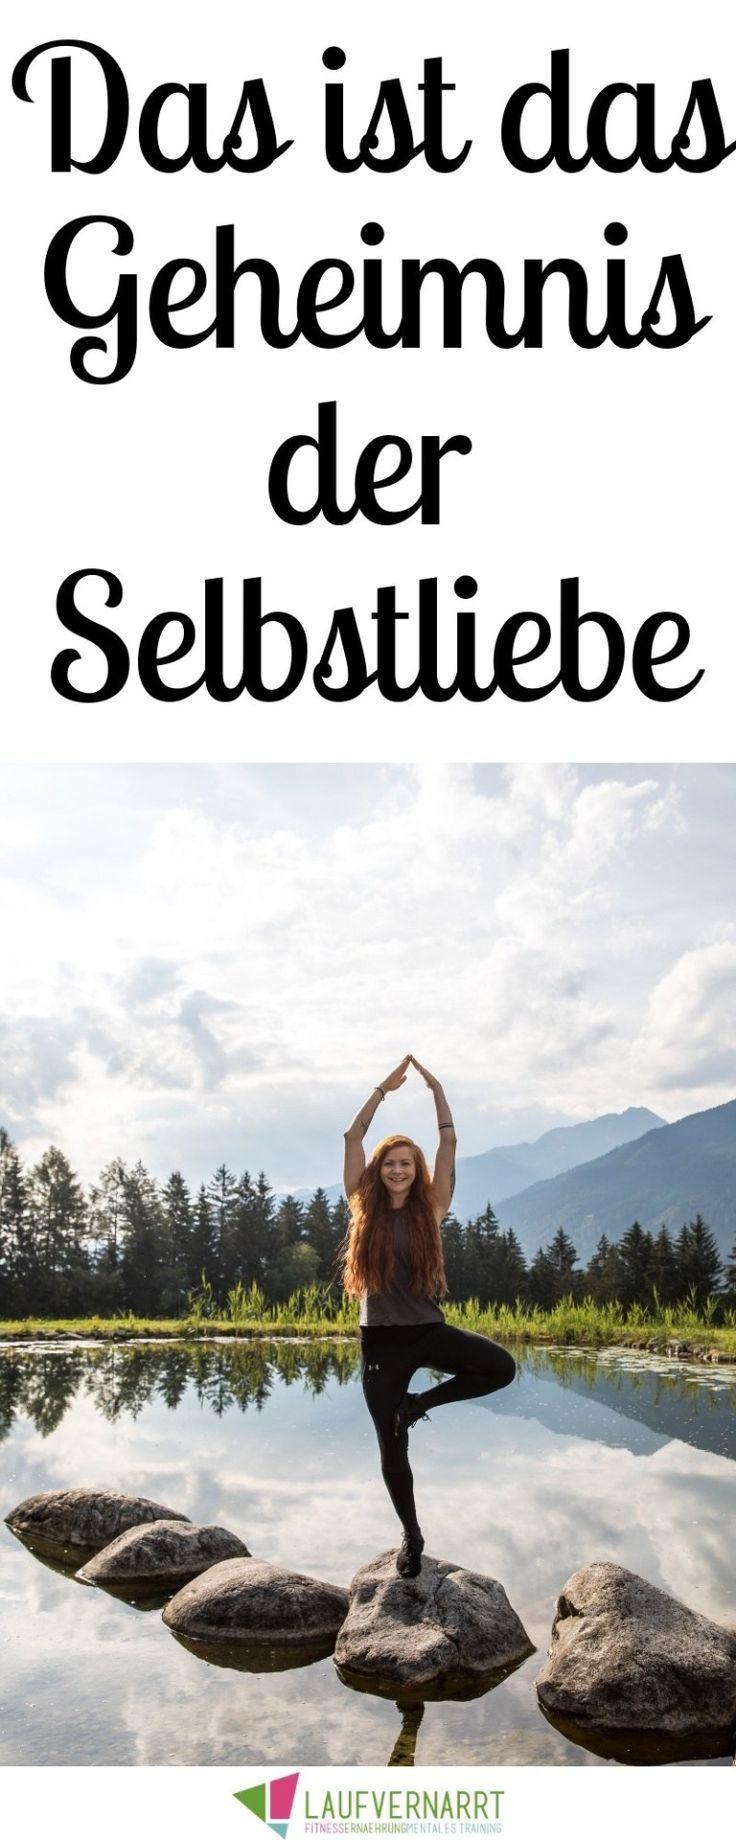 Die Selbstliebe - ein kompletter Guide in 23 Punkten - Laufvernarrt